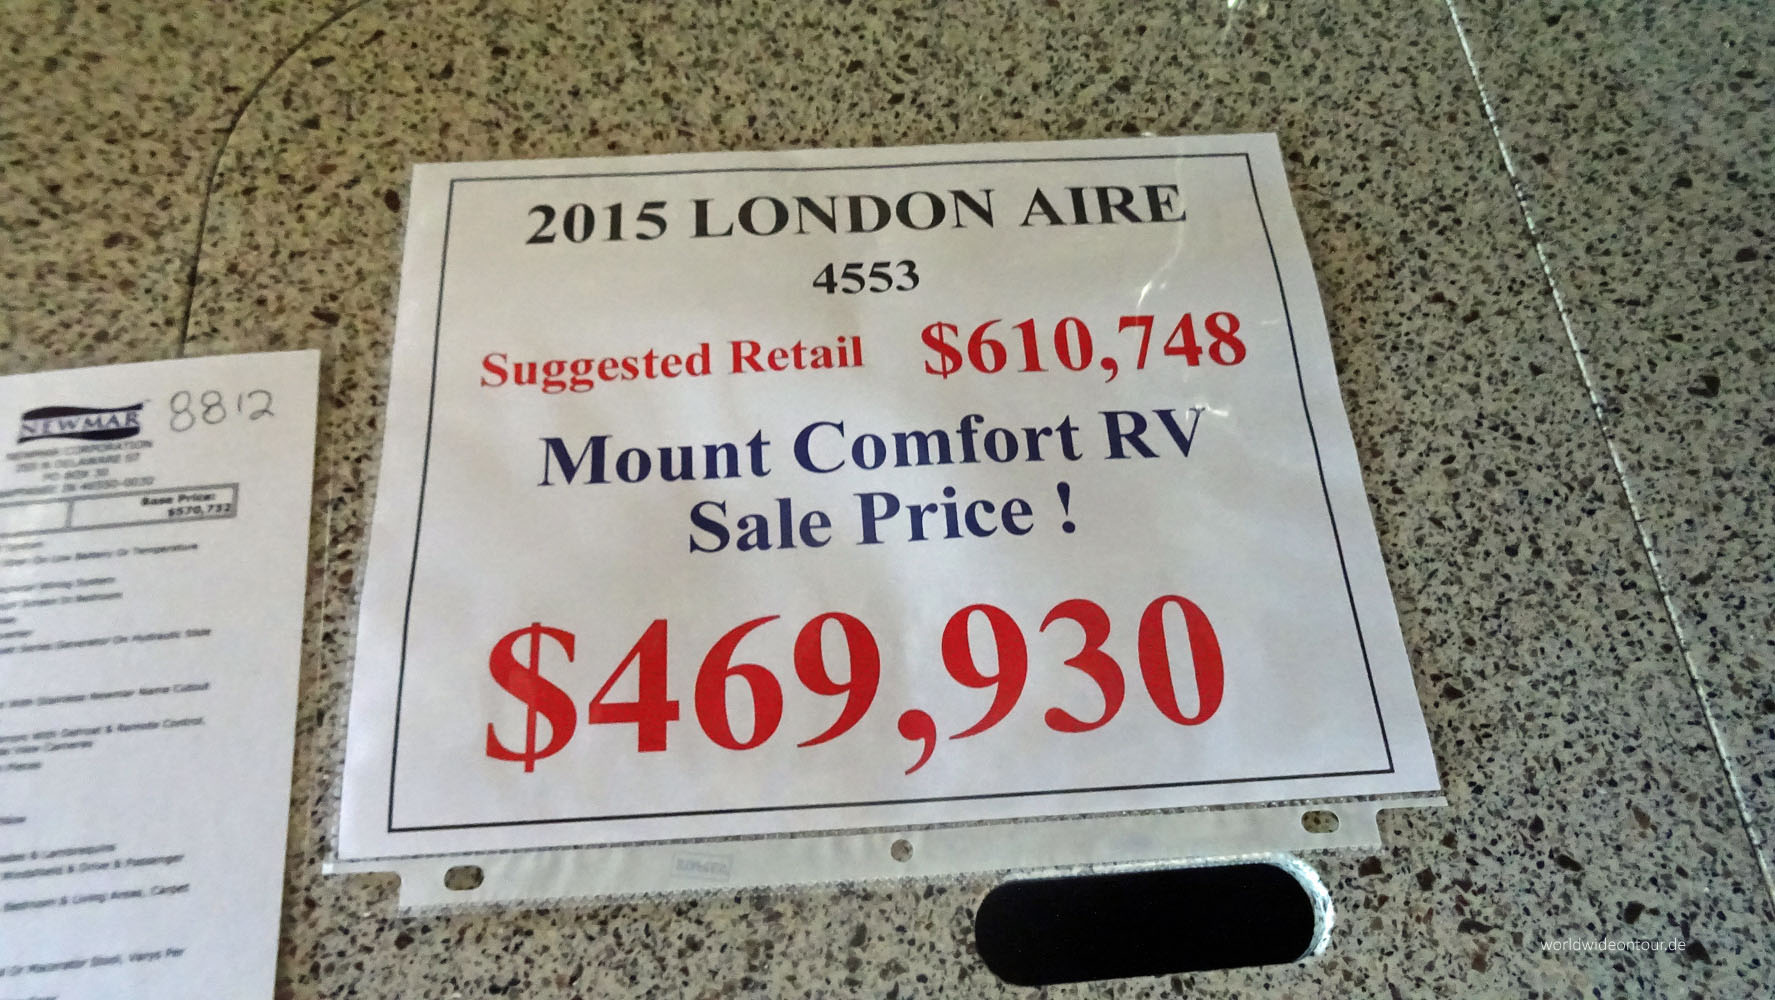 Preisauszeichnung London Aire whe